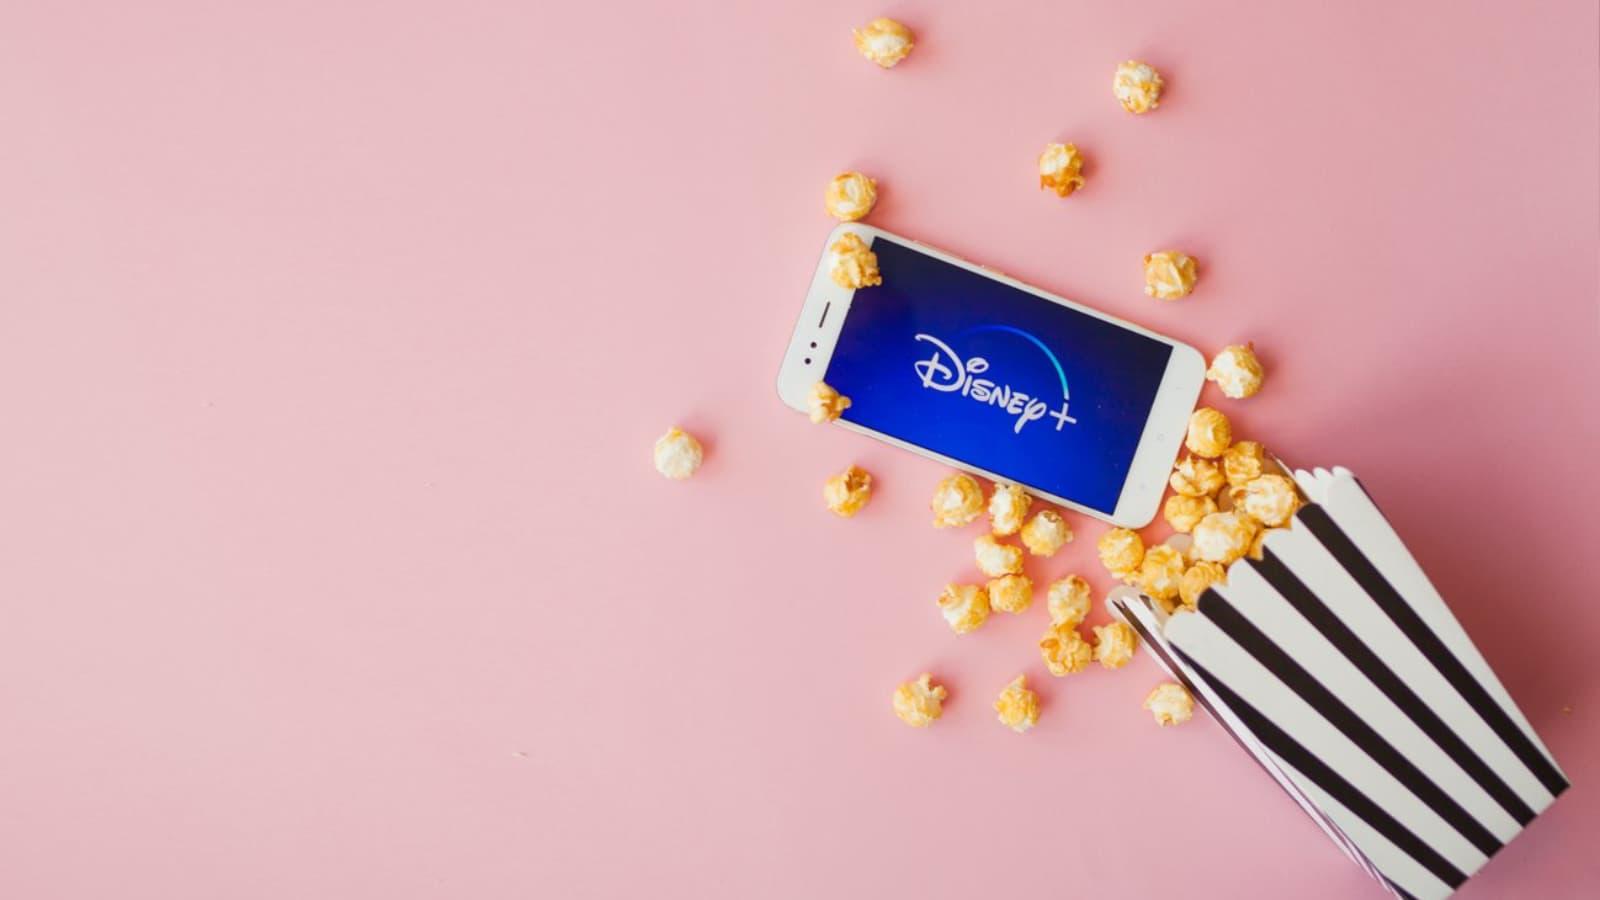 Disney+, le royaume du divertissement